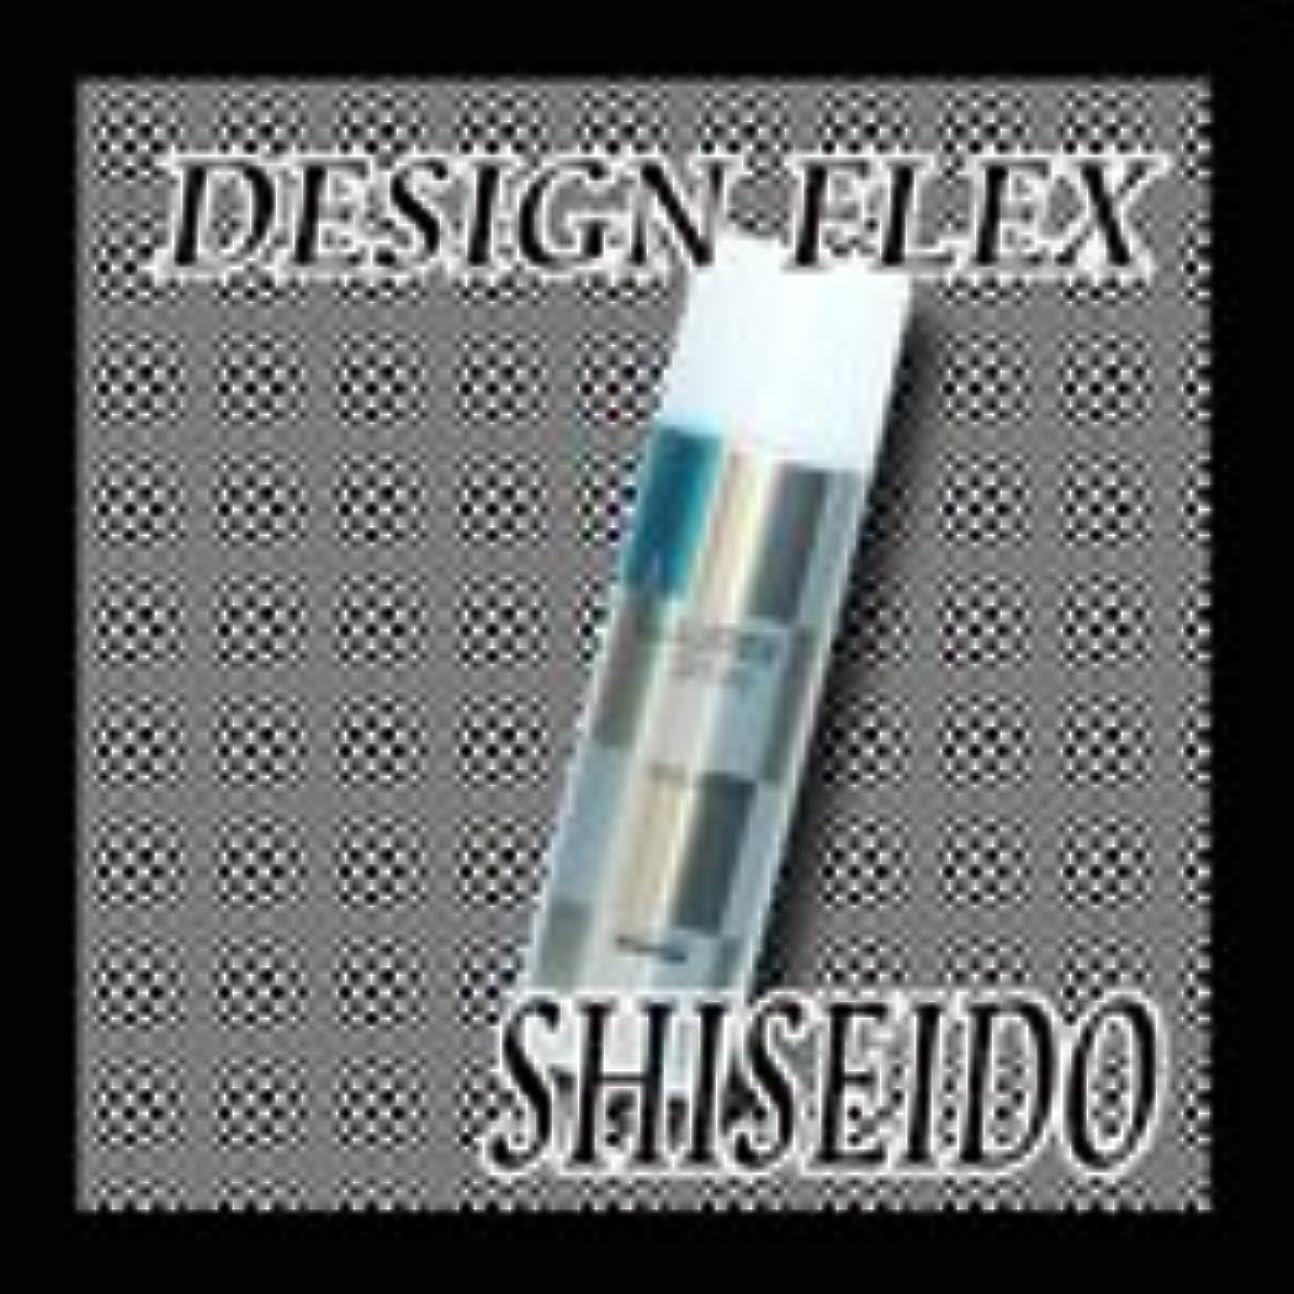 ラップペチュランスブレンドSHISEIDO 資生堂 プロフェッショナル DESIGN FLEX デザインフレックス ラスタースプレー215g